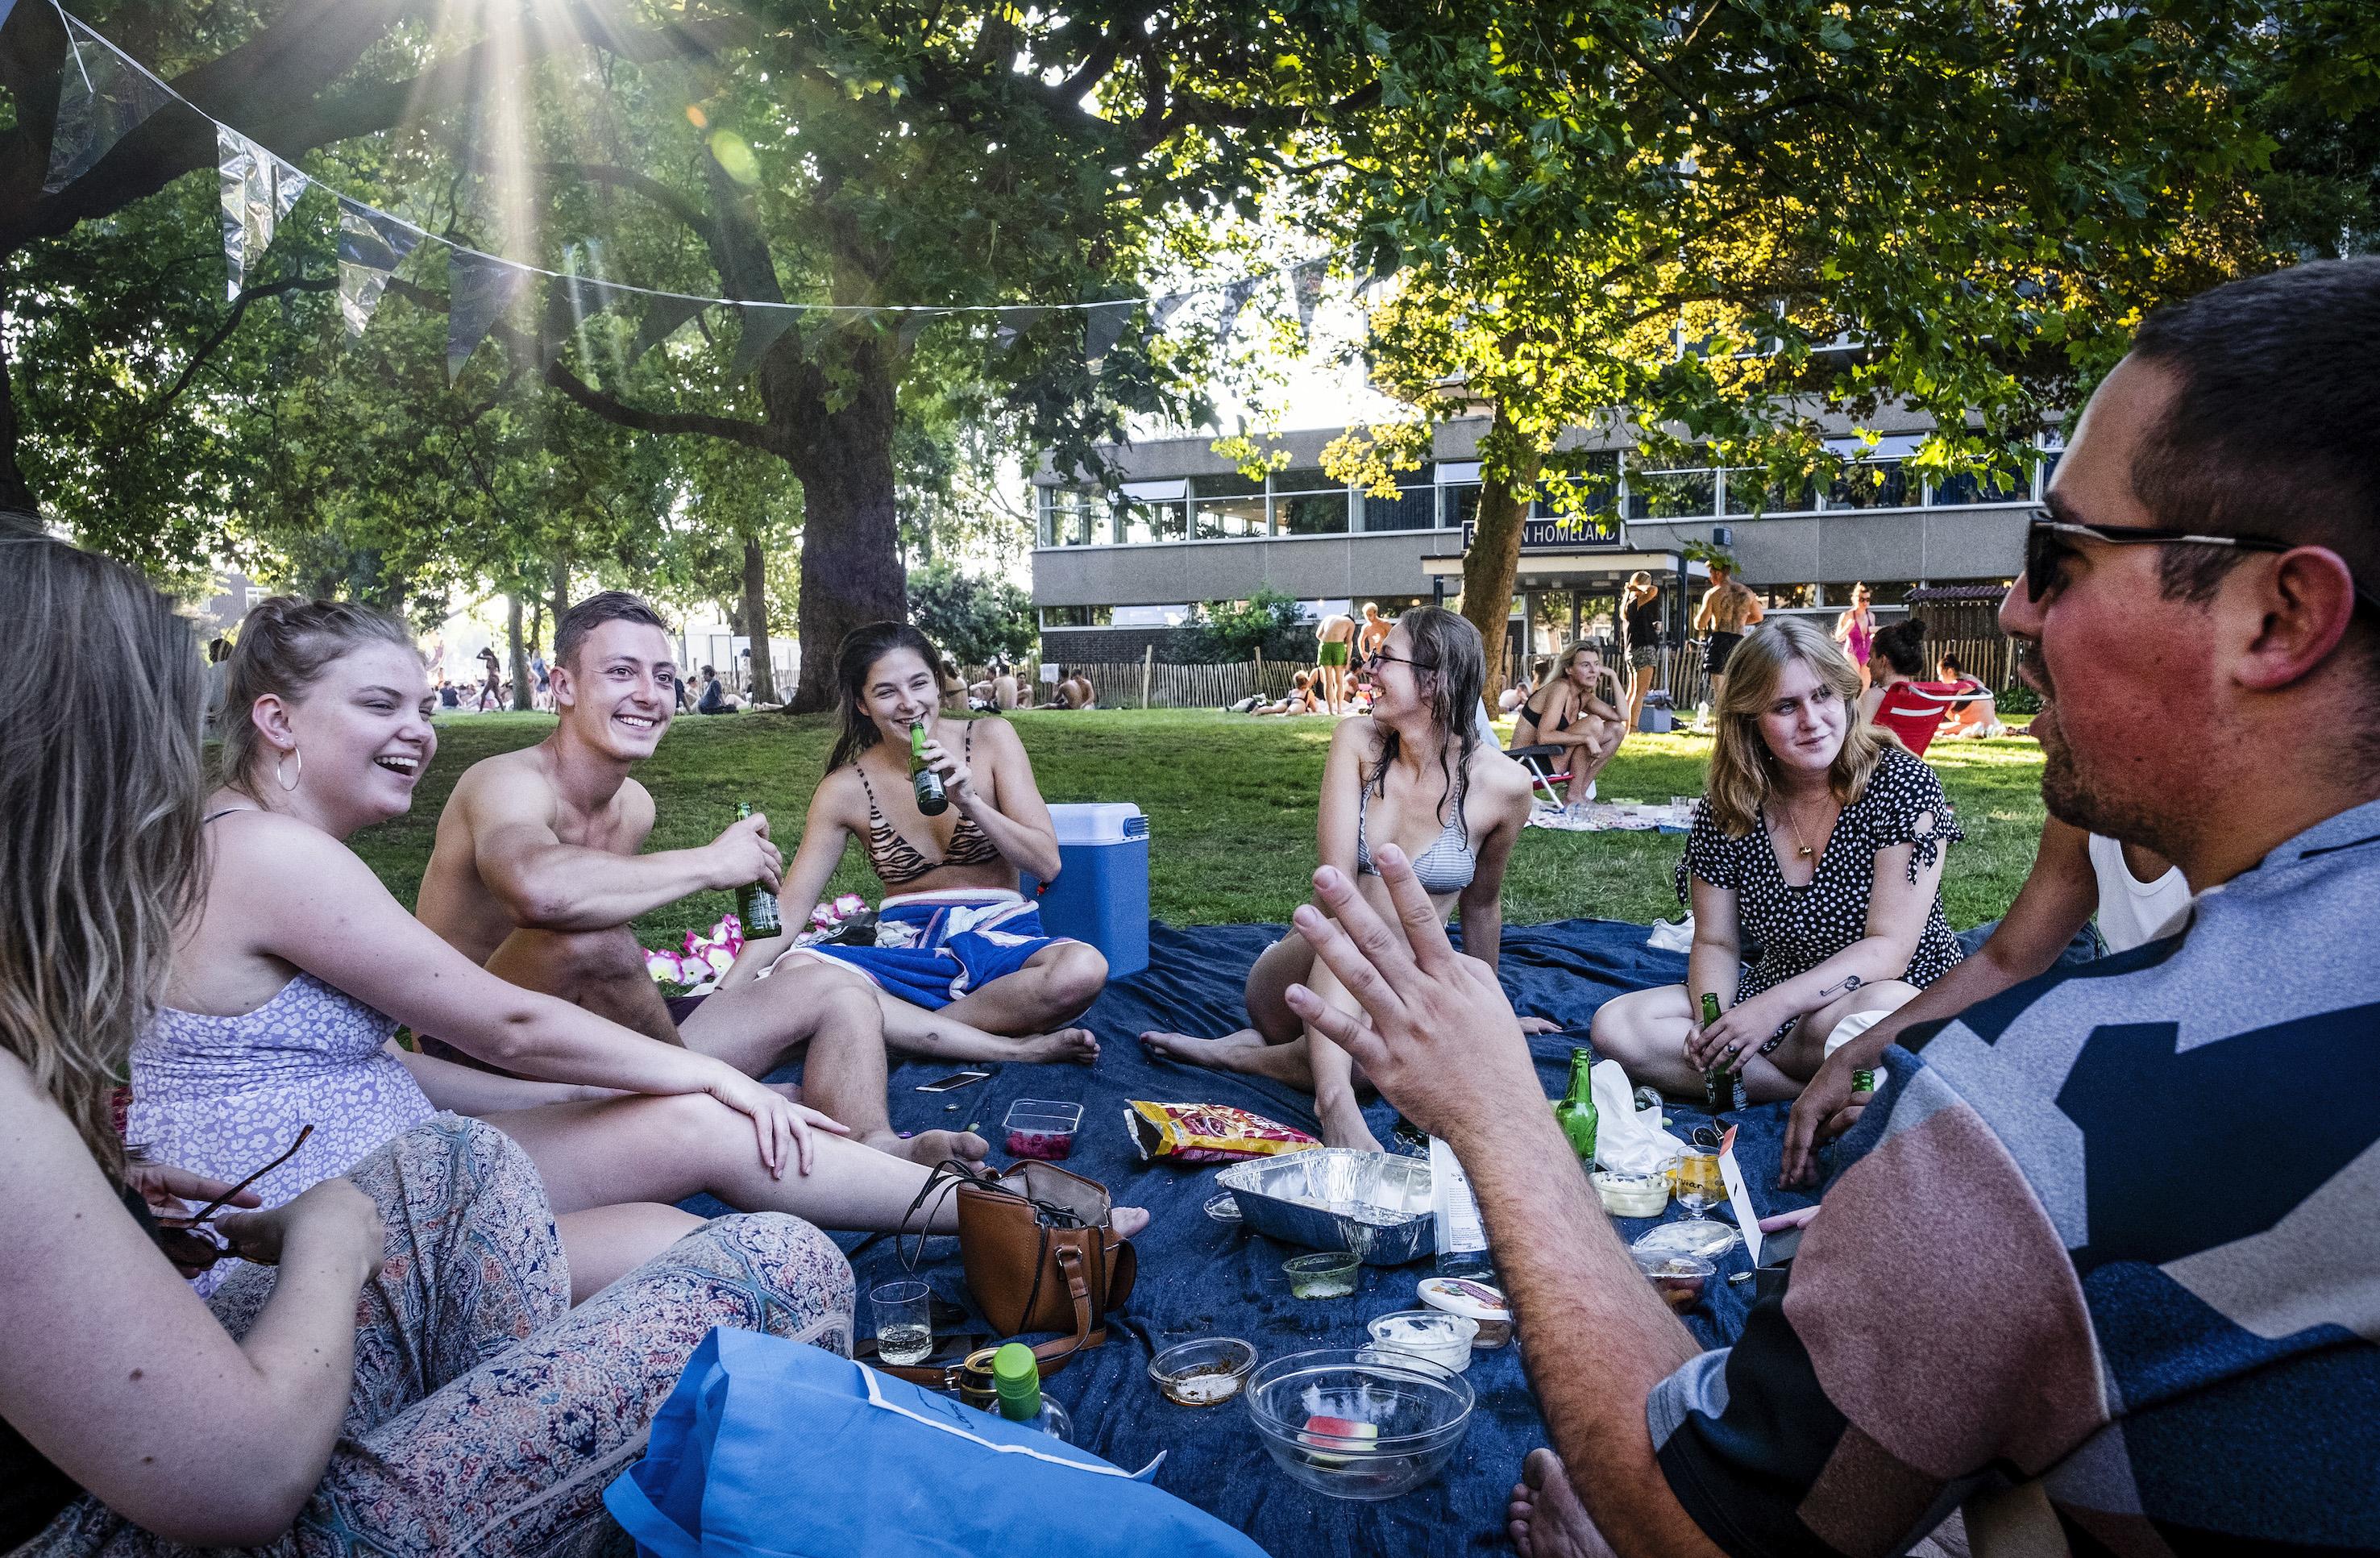 Een foto van borrelende mensen in een park.